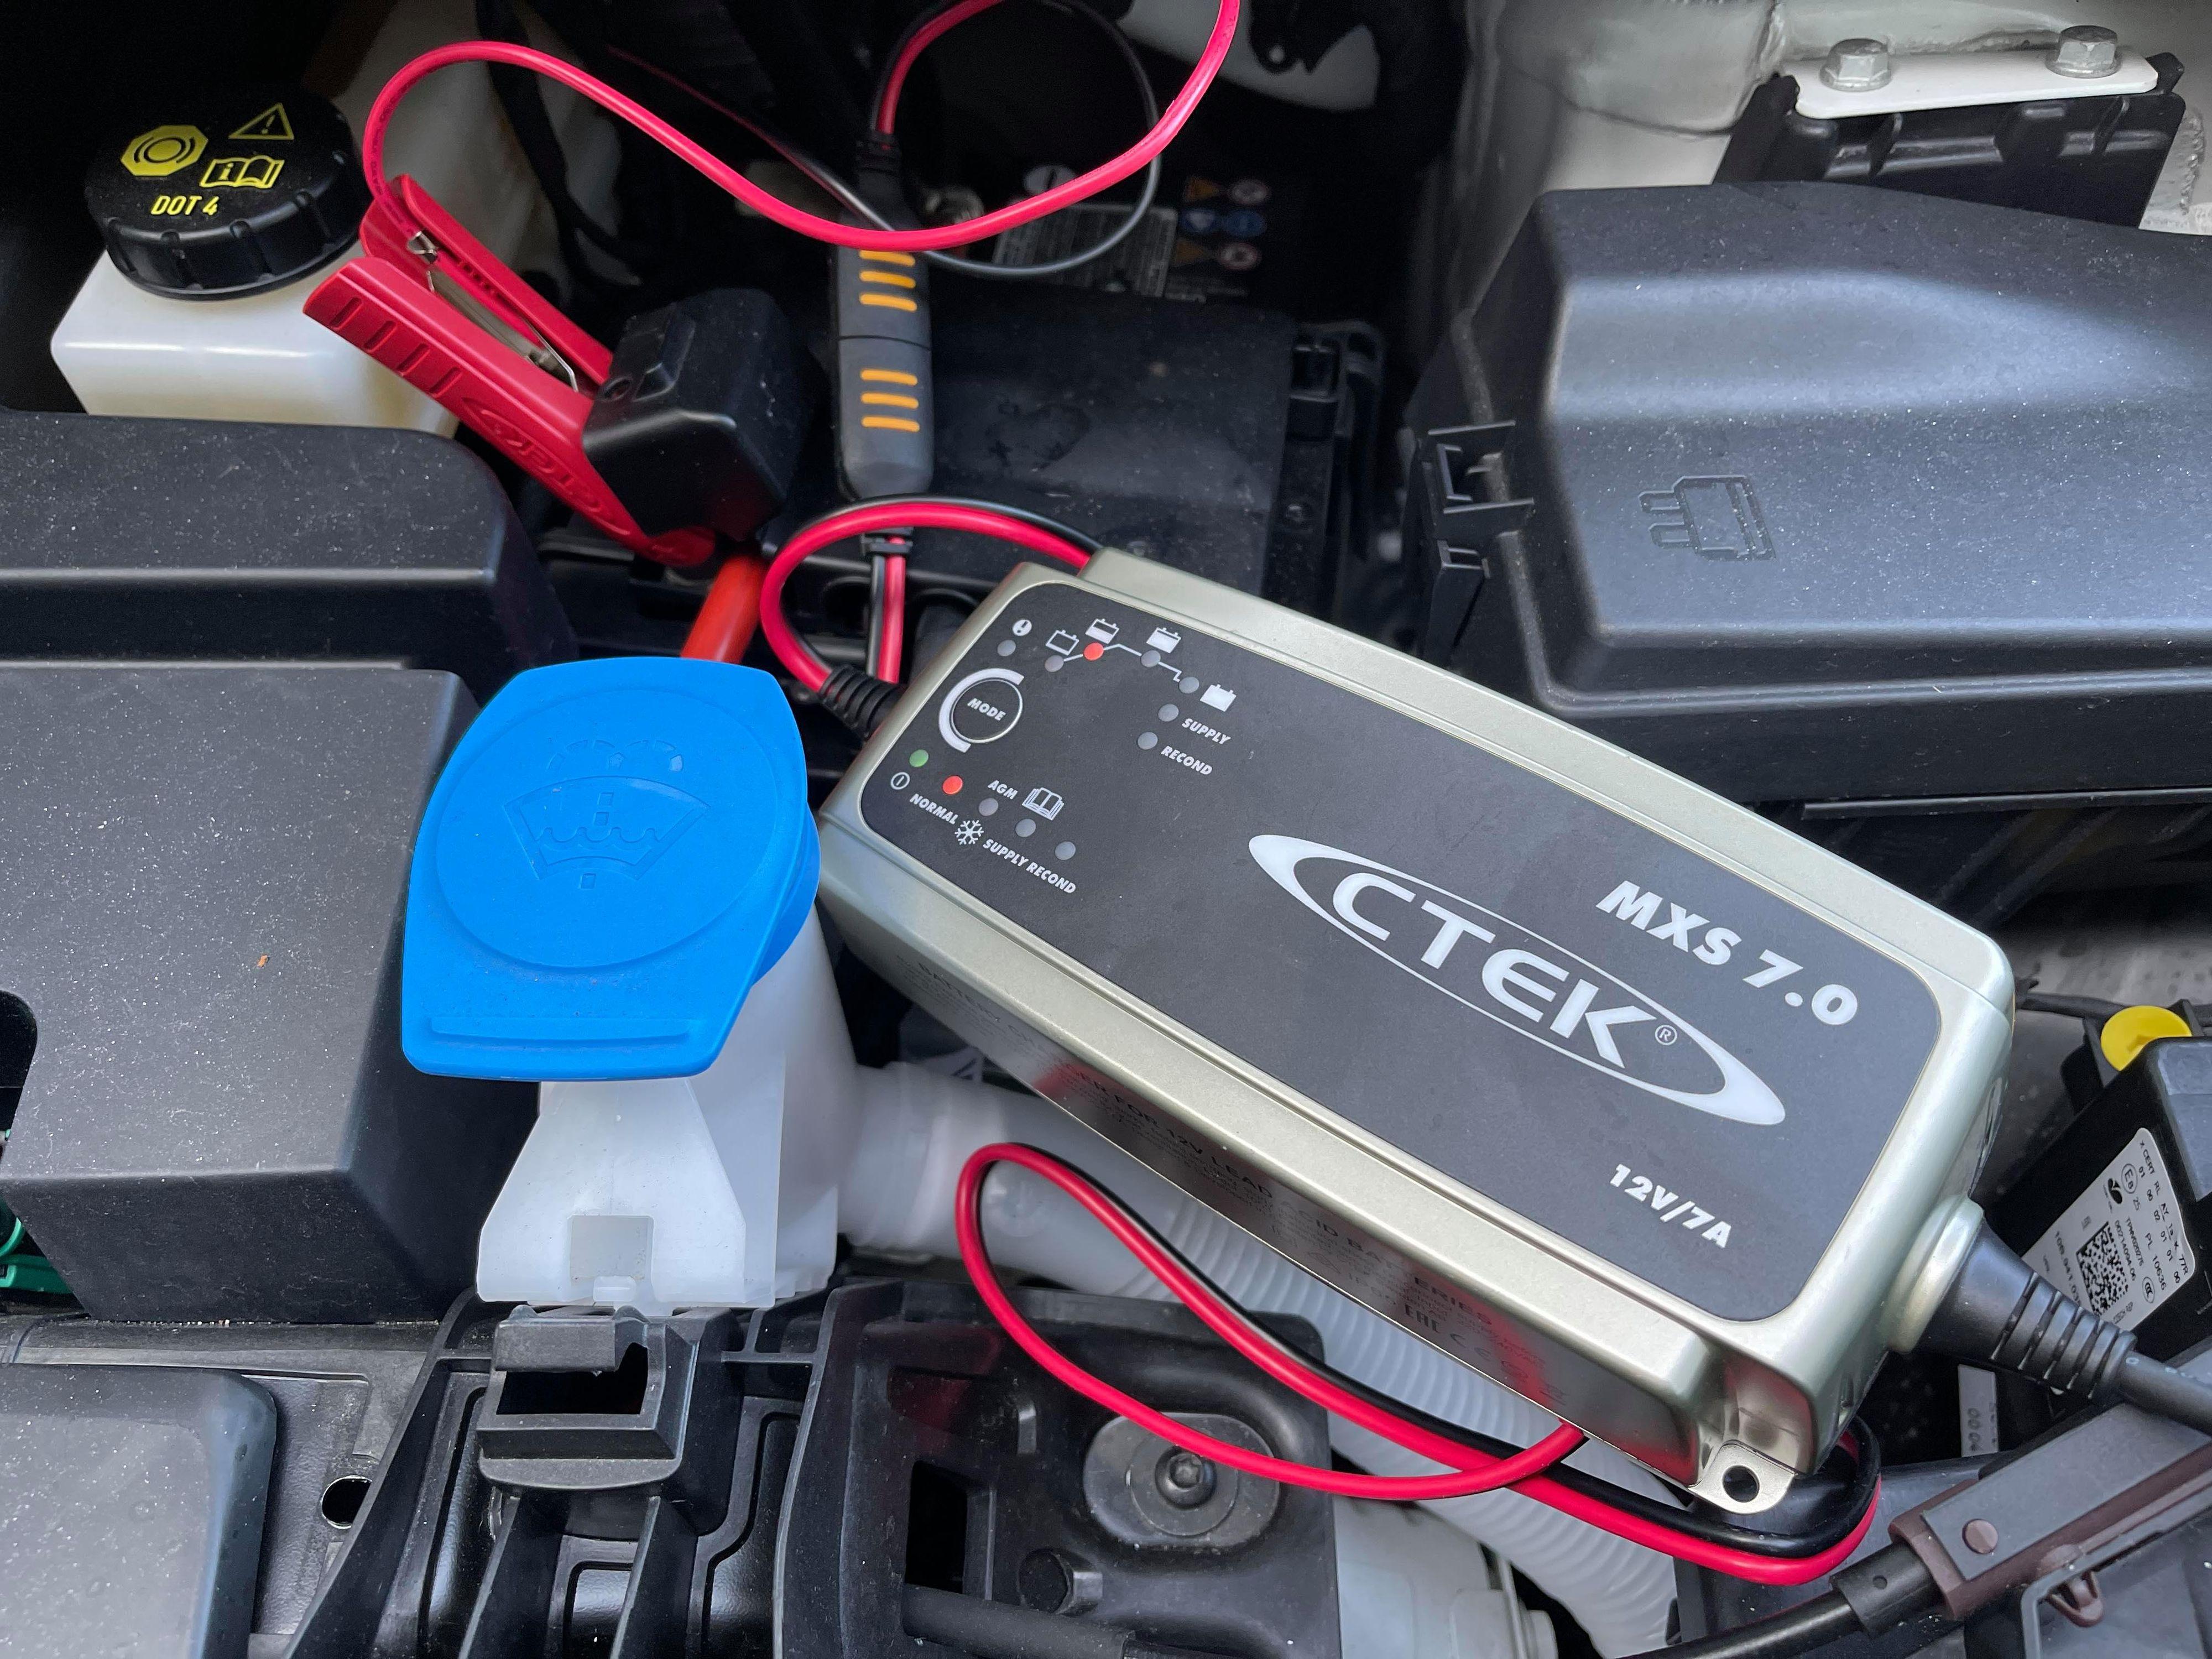 For vår del hjalp ikke det trikset. Og en lader må fortsatt lade batteriet så vi får start på bilen nesten gang vi skal ut og kjøre.